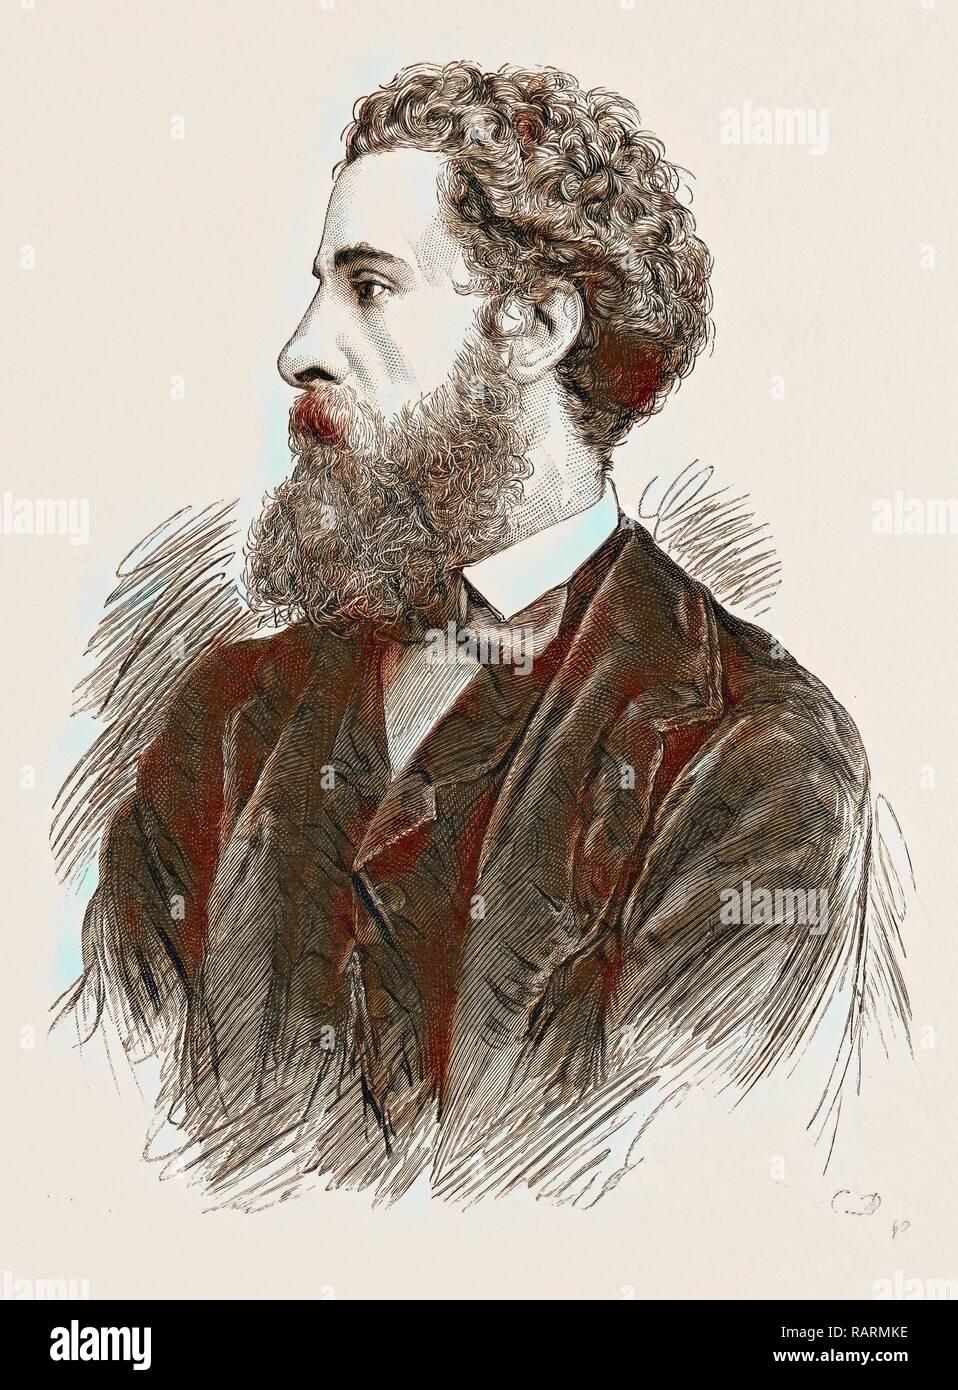 Le très honorable. LORD LYTTON, LE NOUVEAU VICE-ROI ET GOUVERNEUR GÉNÉRAL DE L'Inde, 1876. Repensé par Gibon. L'art classique repensé Banque D'Images